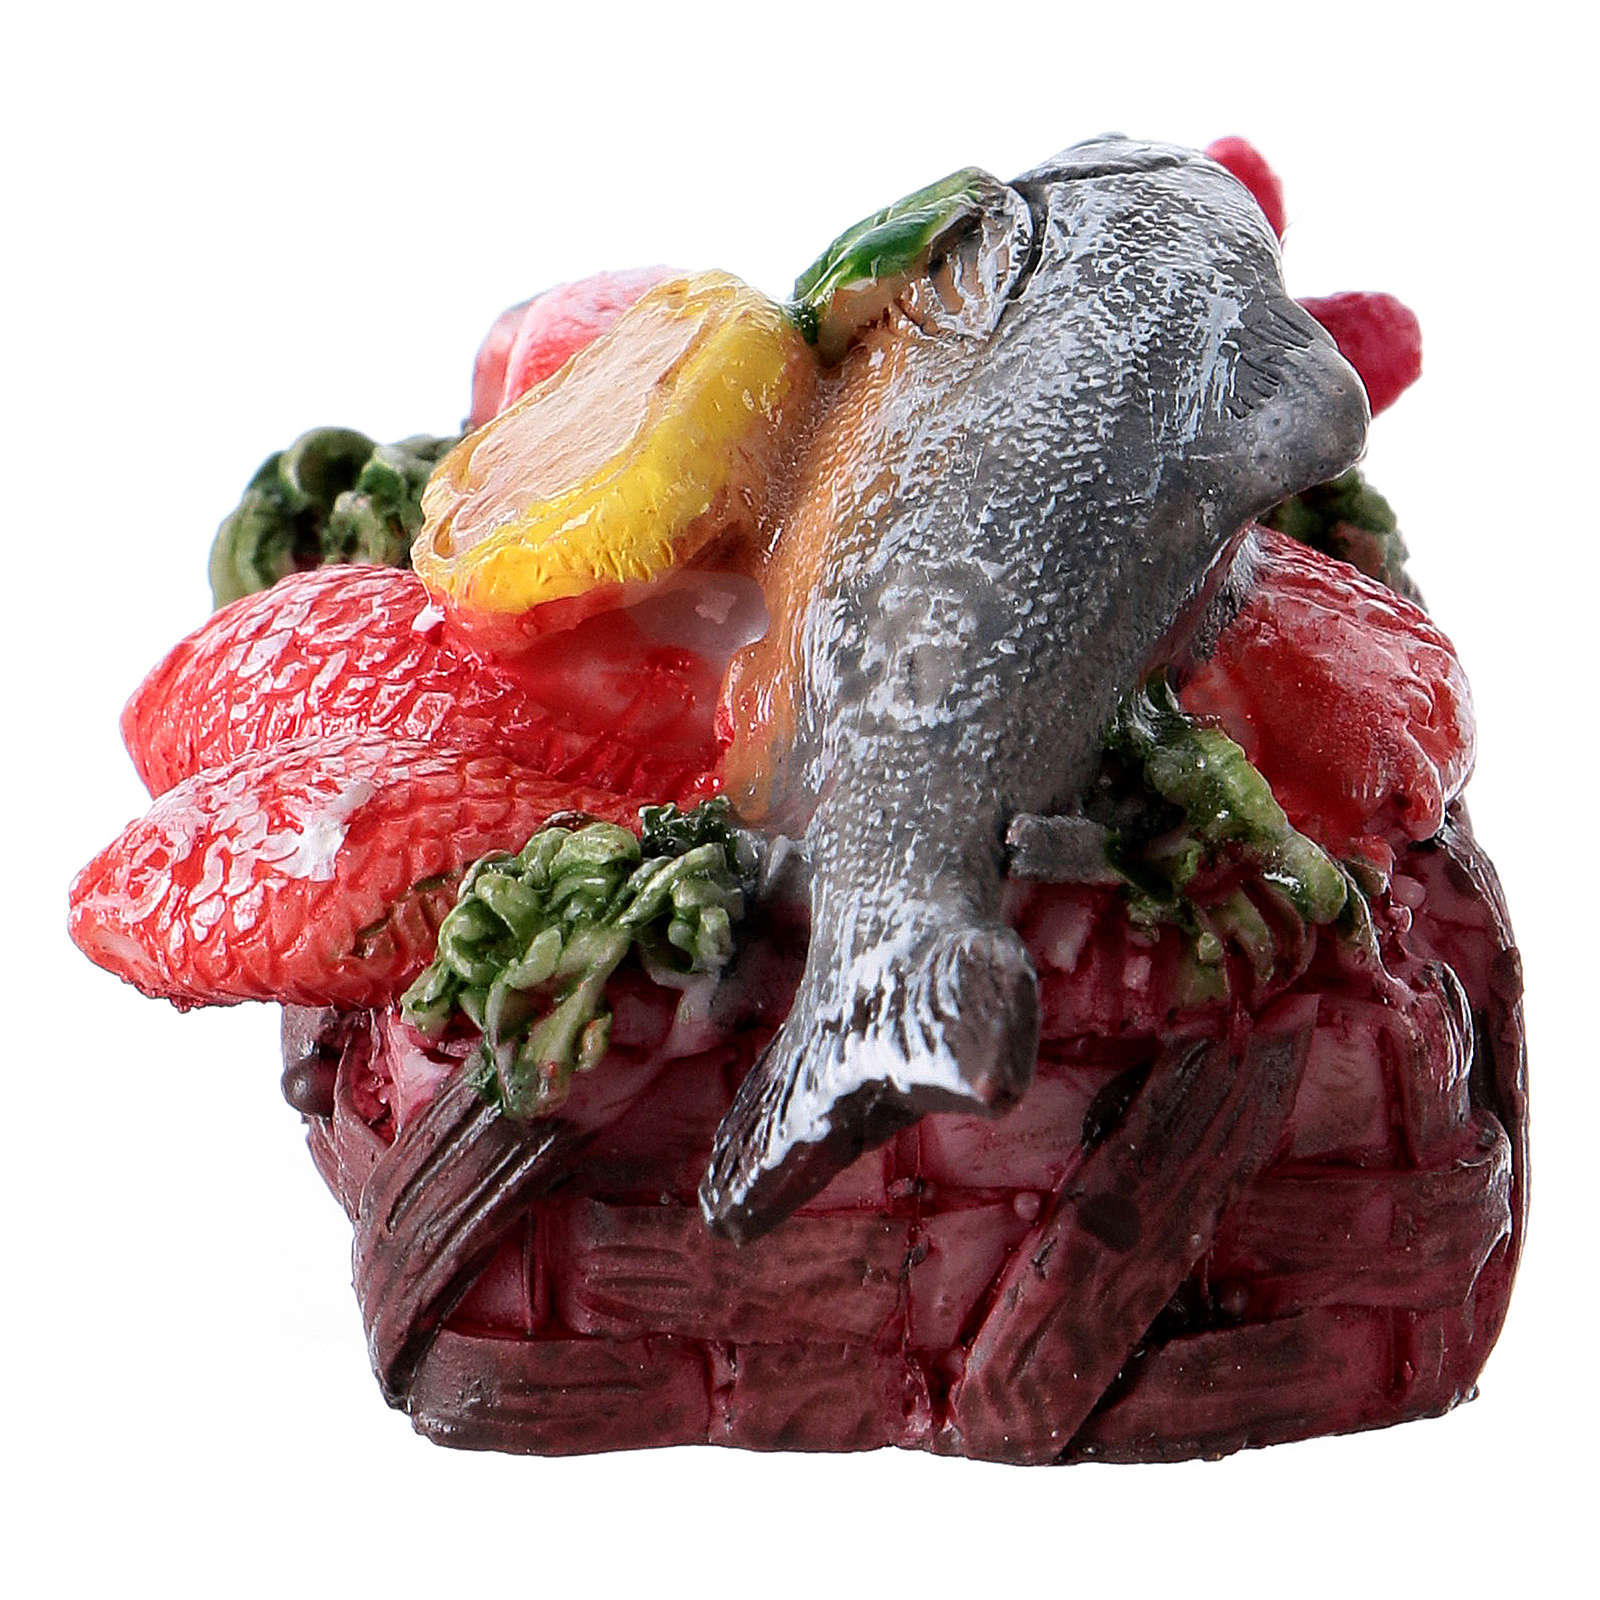 Kosz z rybami 3x5x3 cm do szopki 4